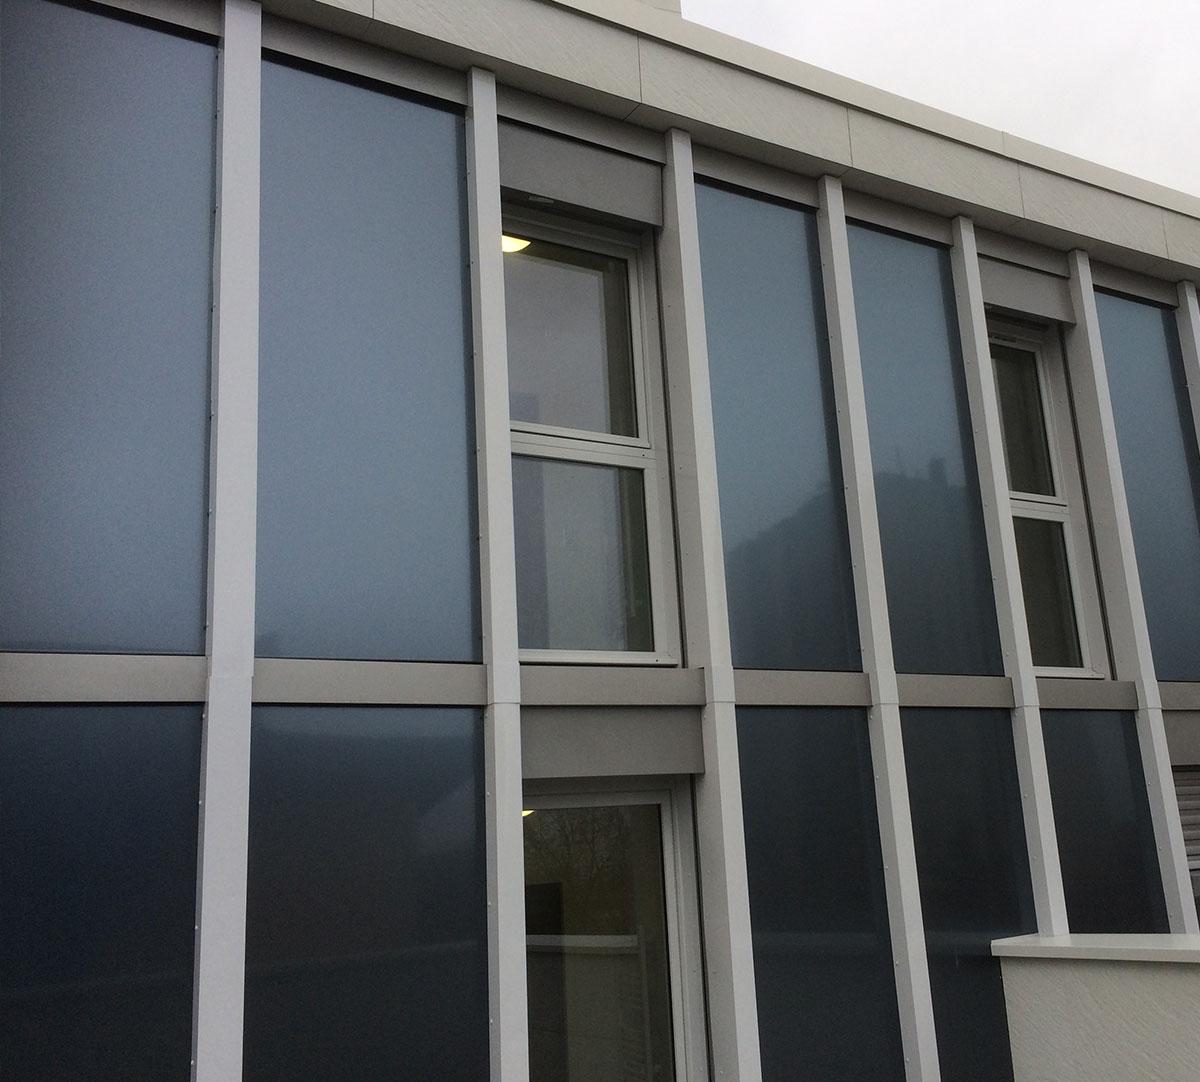 Réalisation Encadrement de fenêtres / Habillage verticaux : image 4